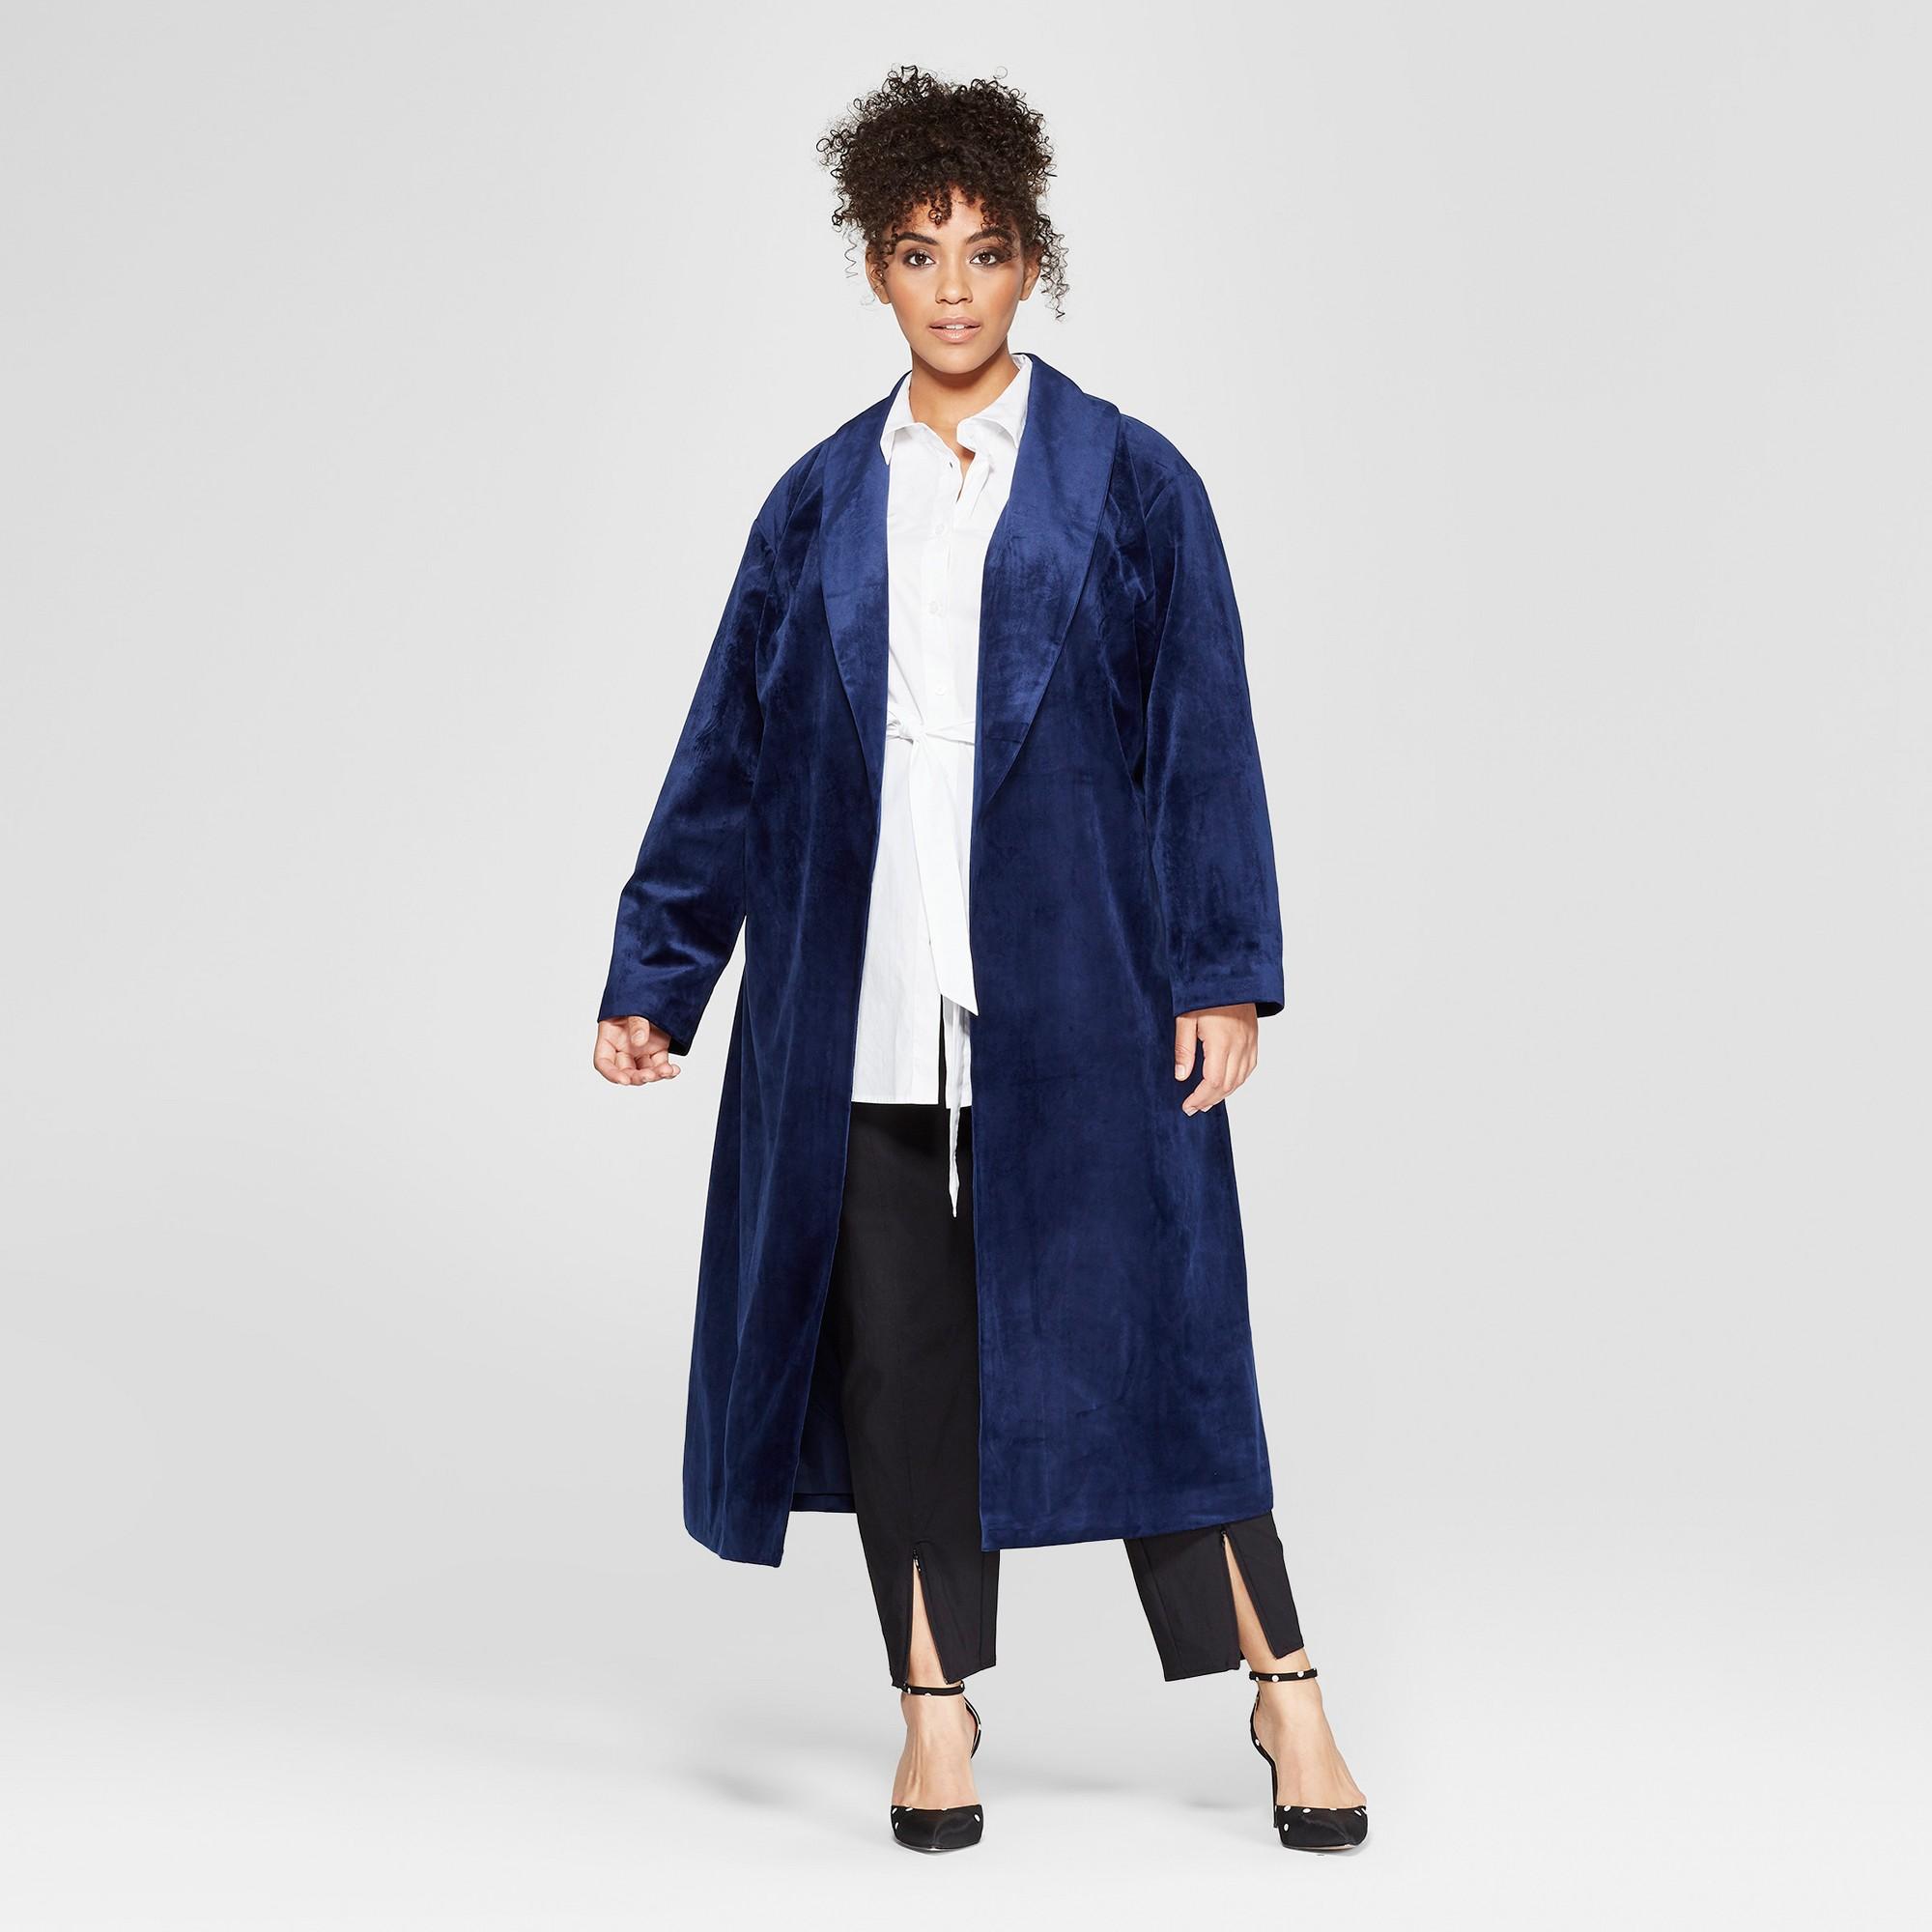 Women's Plus Size Velvet Overcoat - Who What Wear Navy 1X, Blue